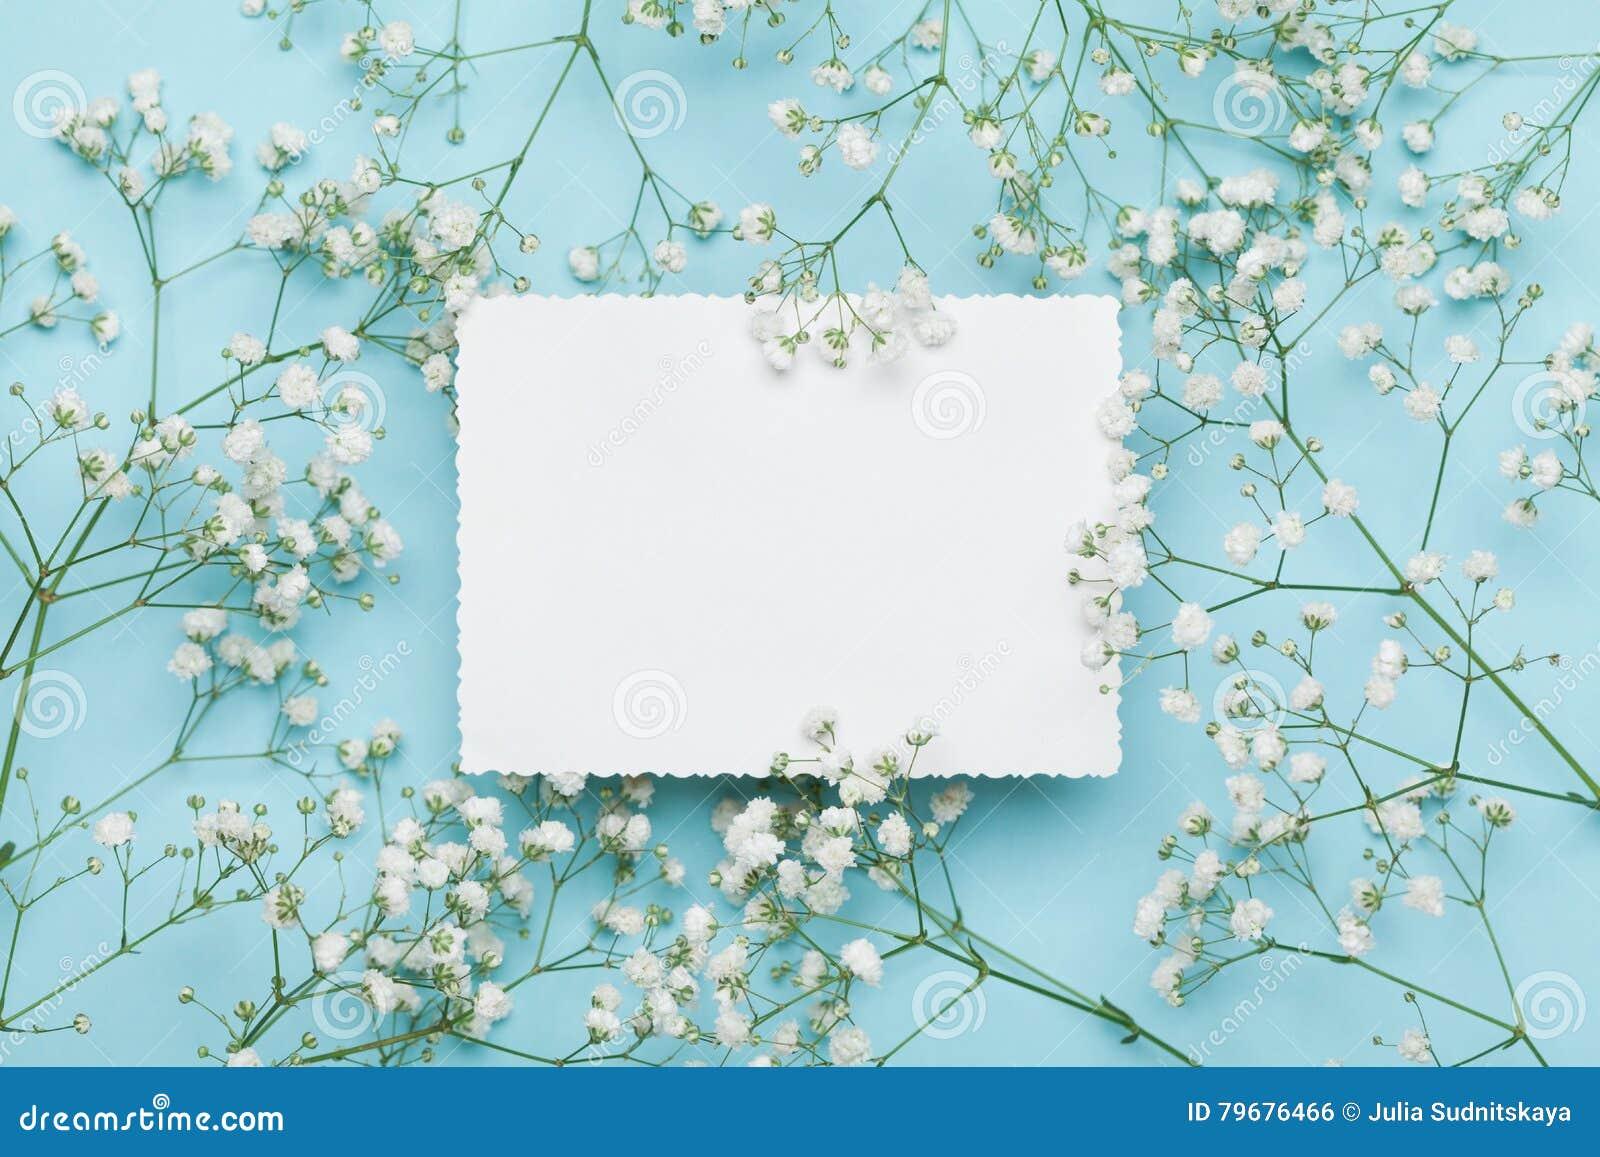 Γαμήλιο πρότυπο με τον κατάλογο της Λευκής Βίβλου και gypsophila λουλουδιών στον μπλε πίνακα άνωθεν όμορφο floral πρότυπο επίπεδο